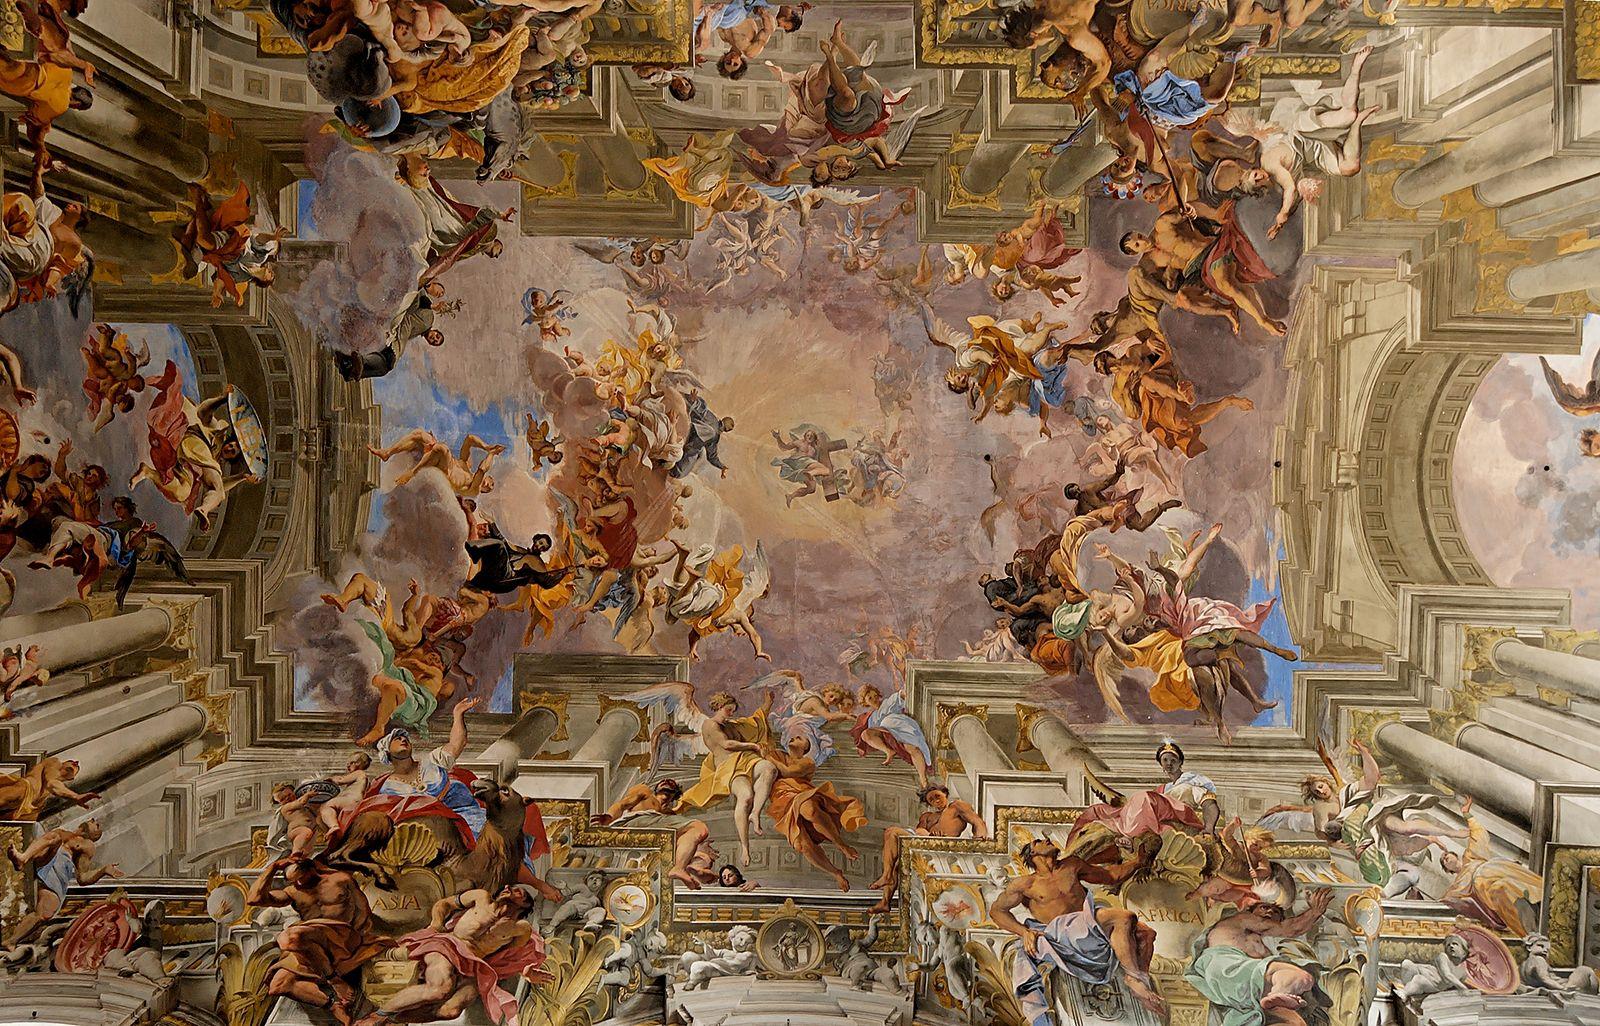 Fresco de Andrea Pozzo na Igreja de Santo Inácio, Roma